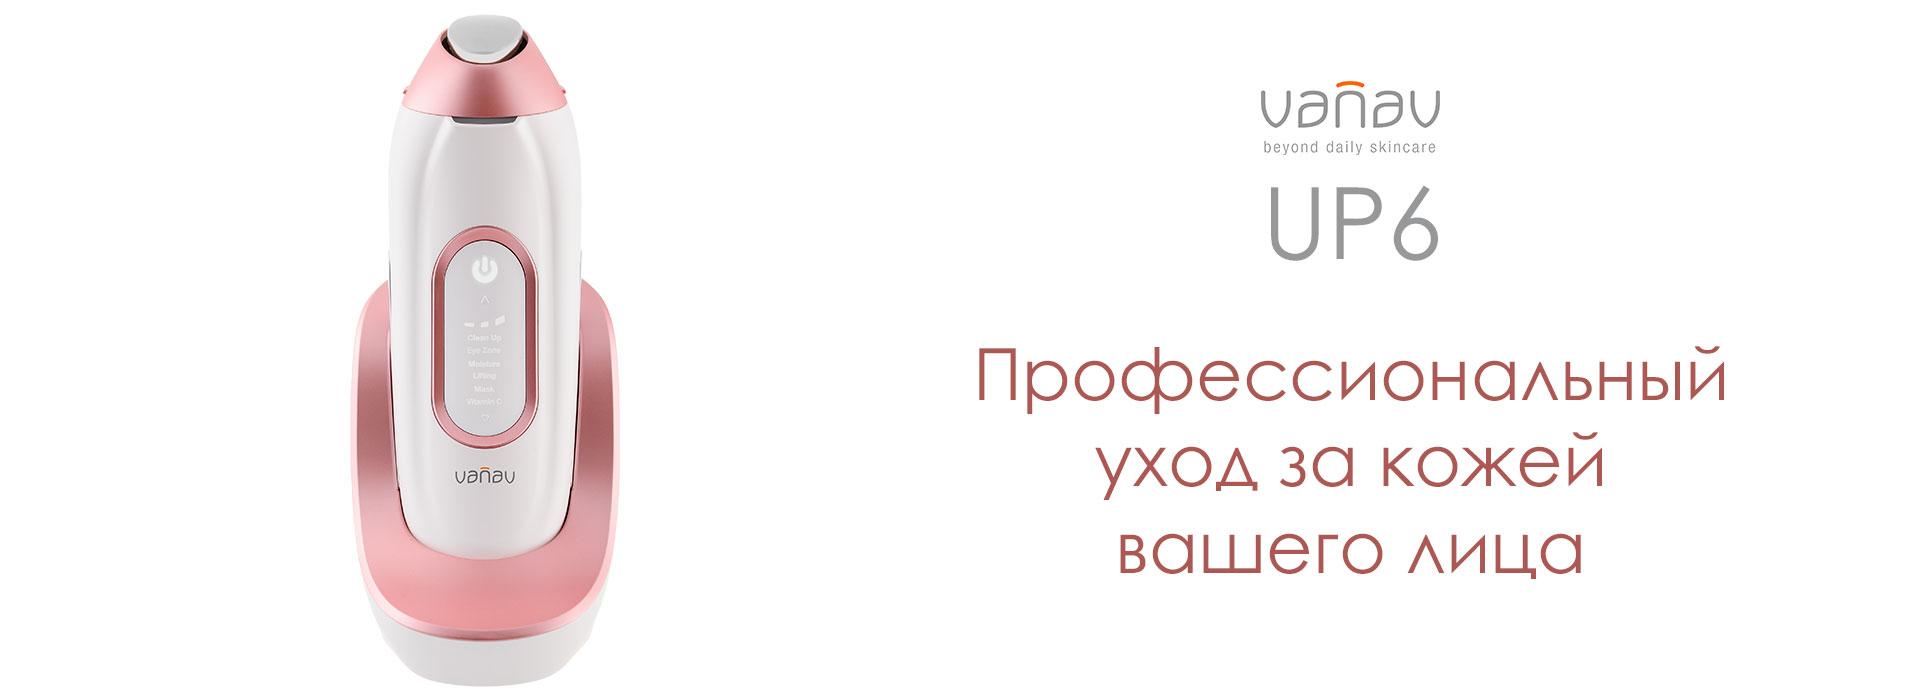 Микротоковый массажер для лица VANAV UP6